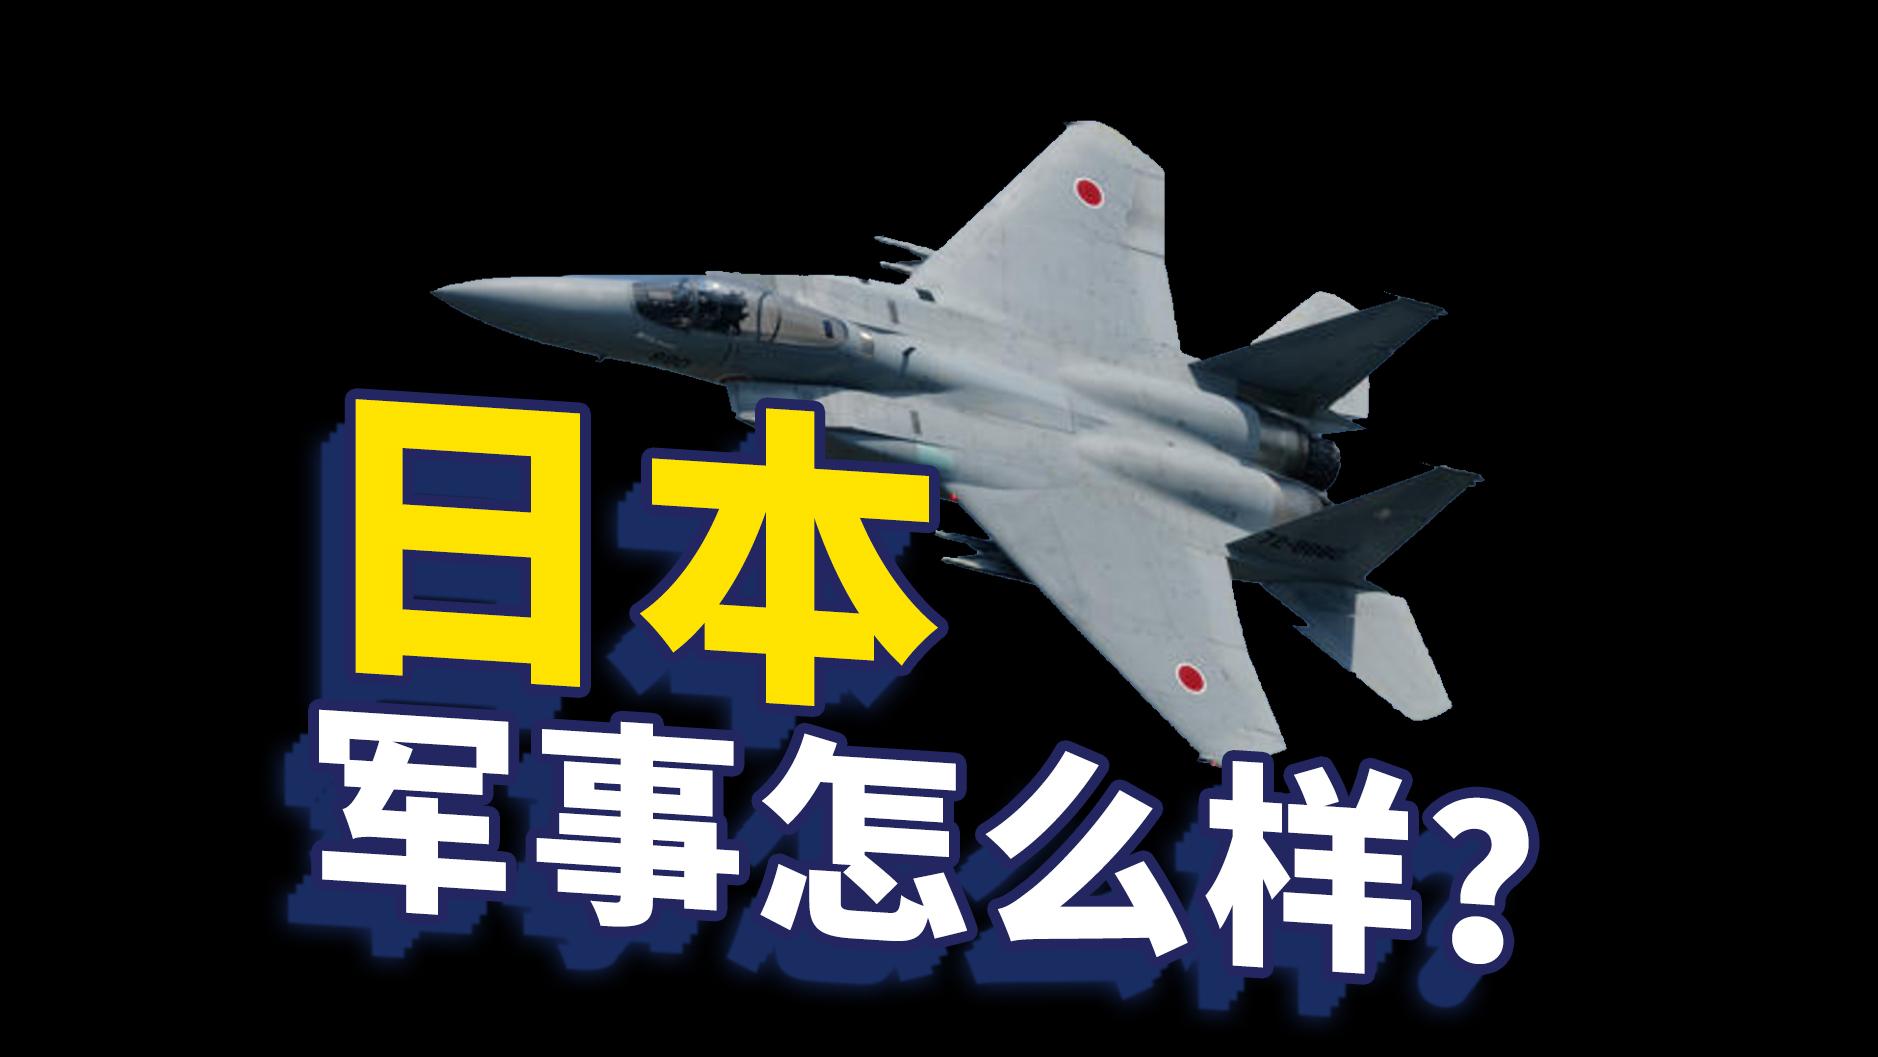 日本的军事实力怎么样?到底有多强?